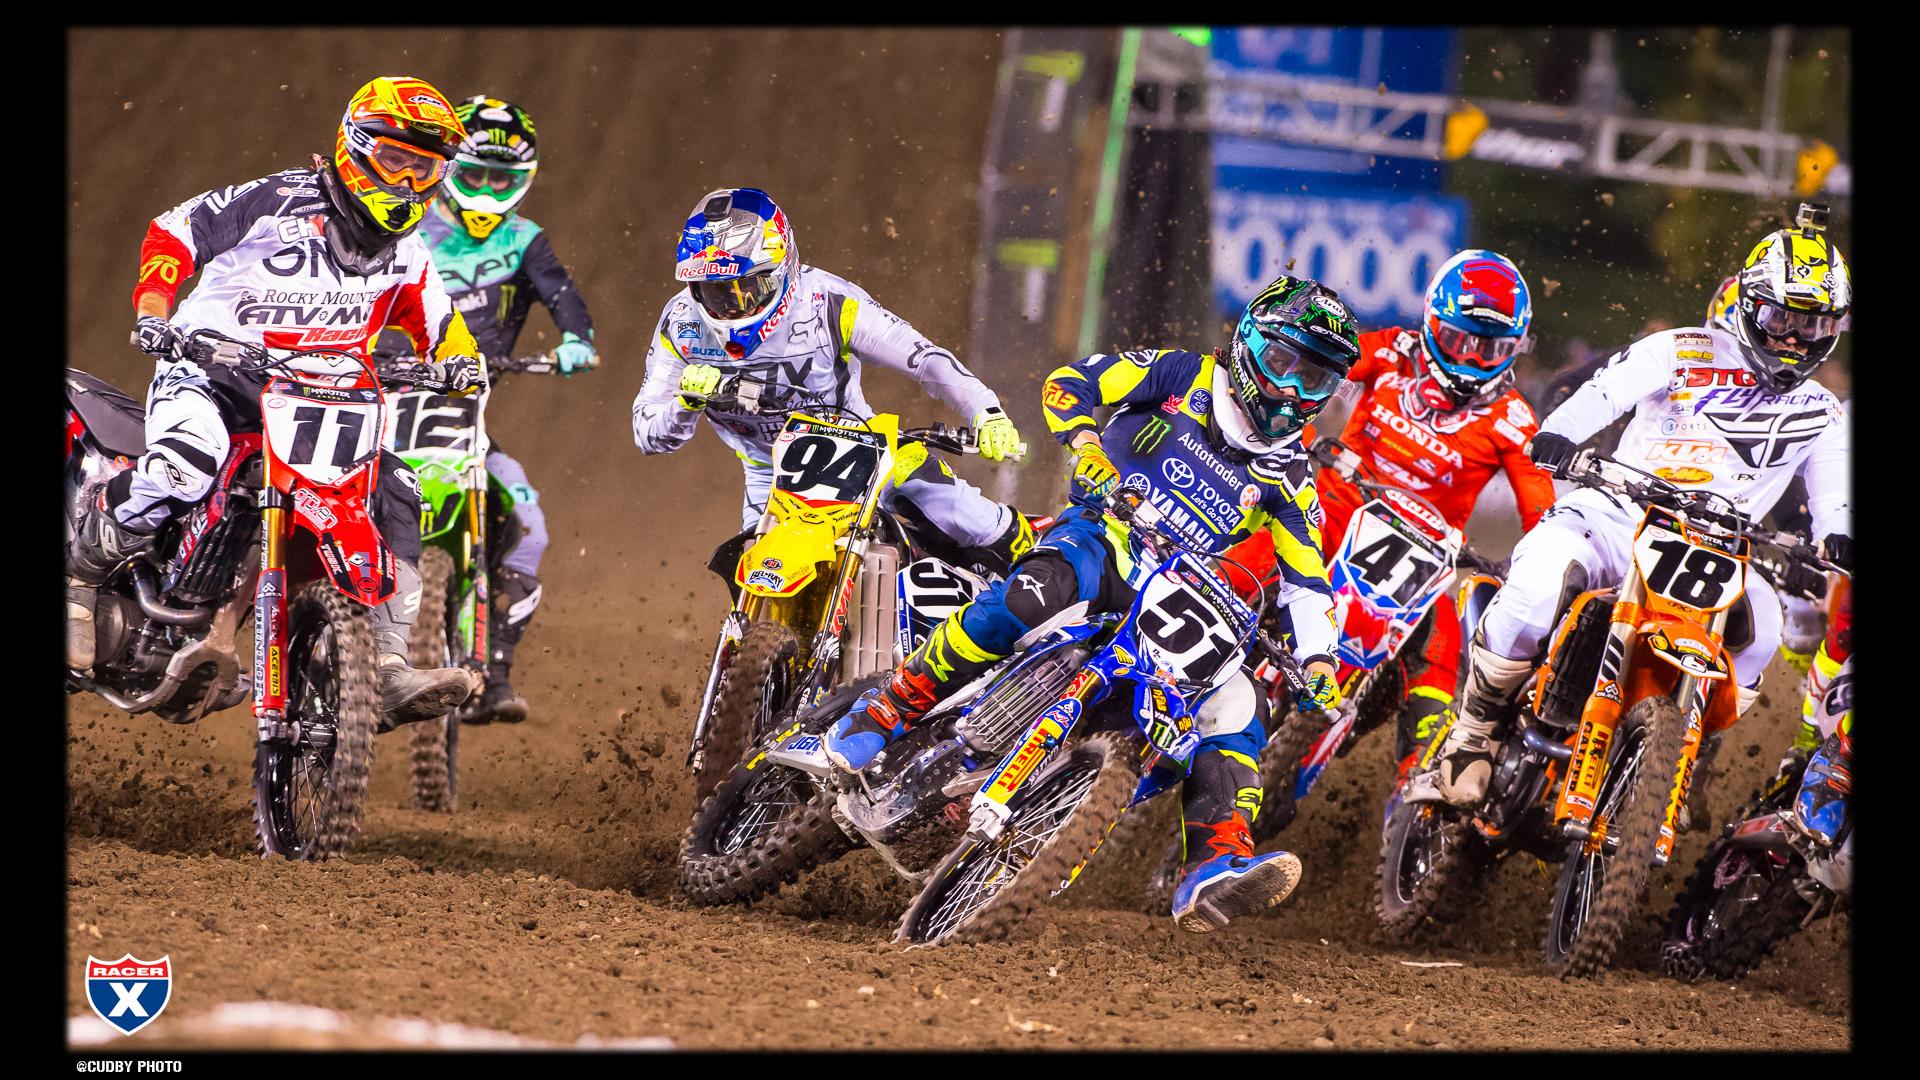 Anaheim 1 Wallpapers Supercross Racer X Online